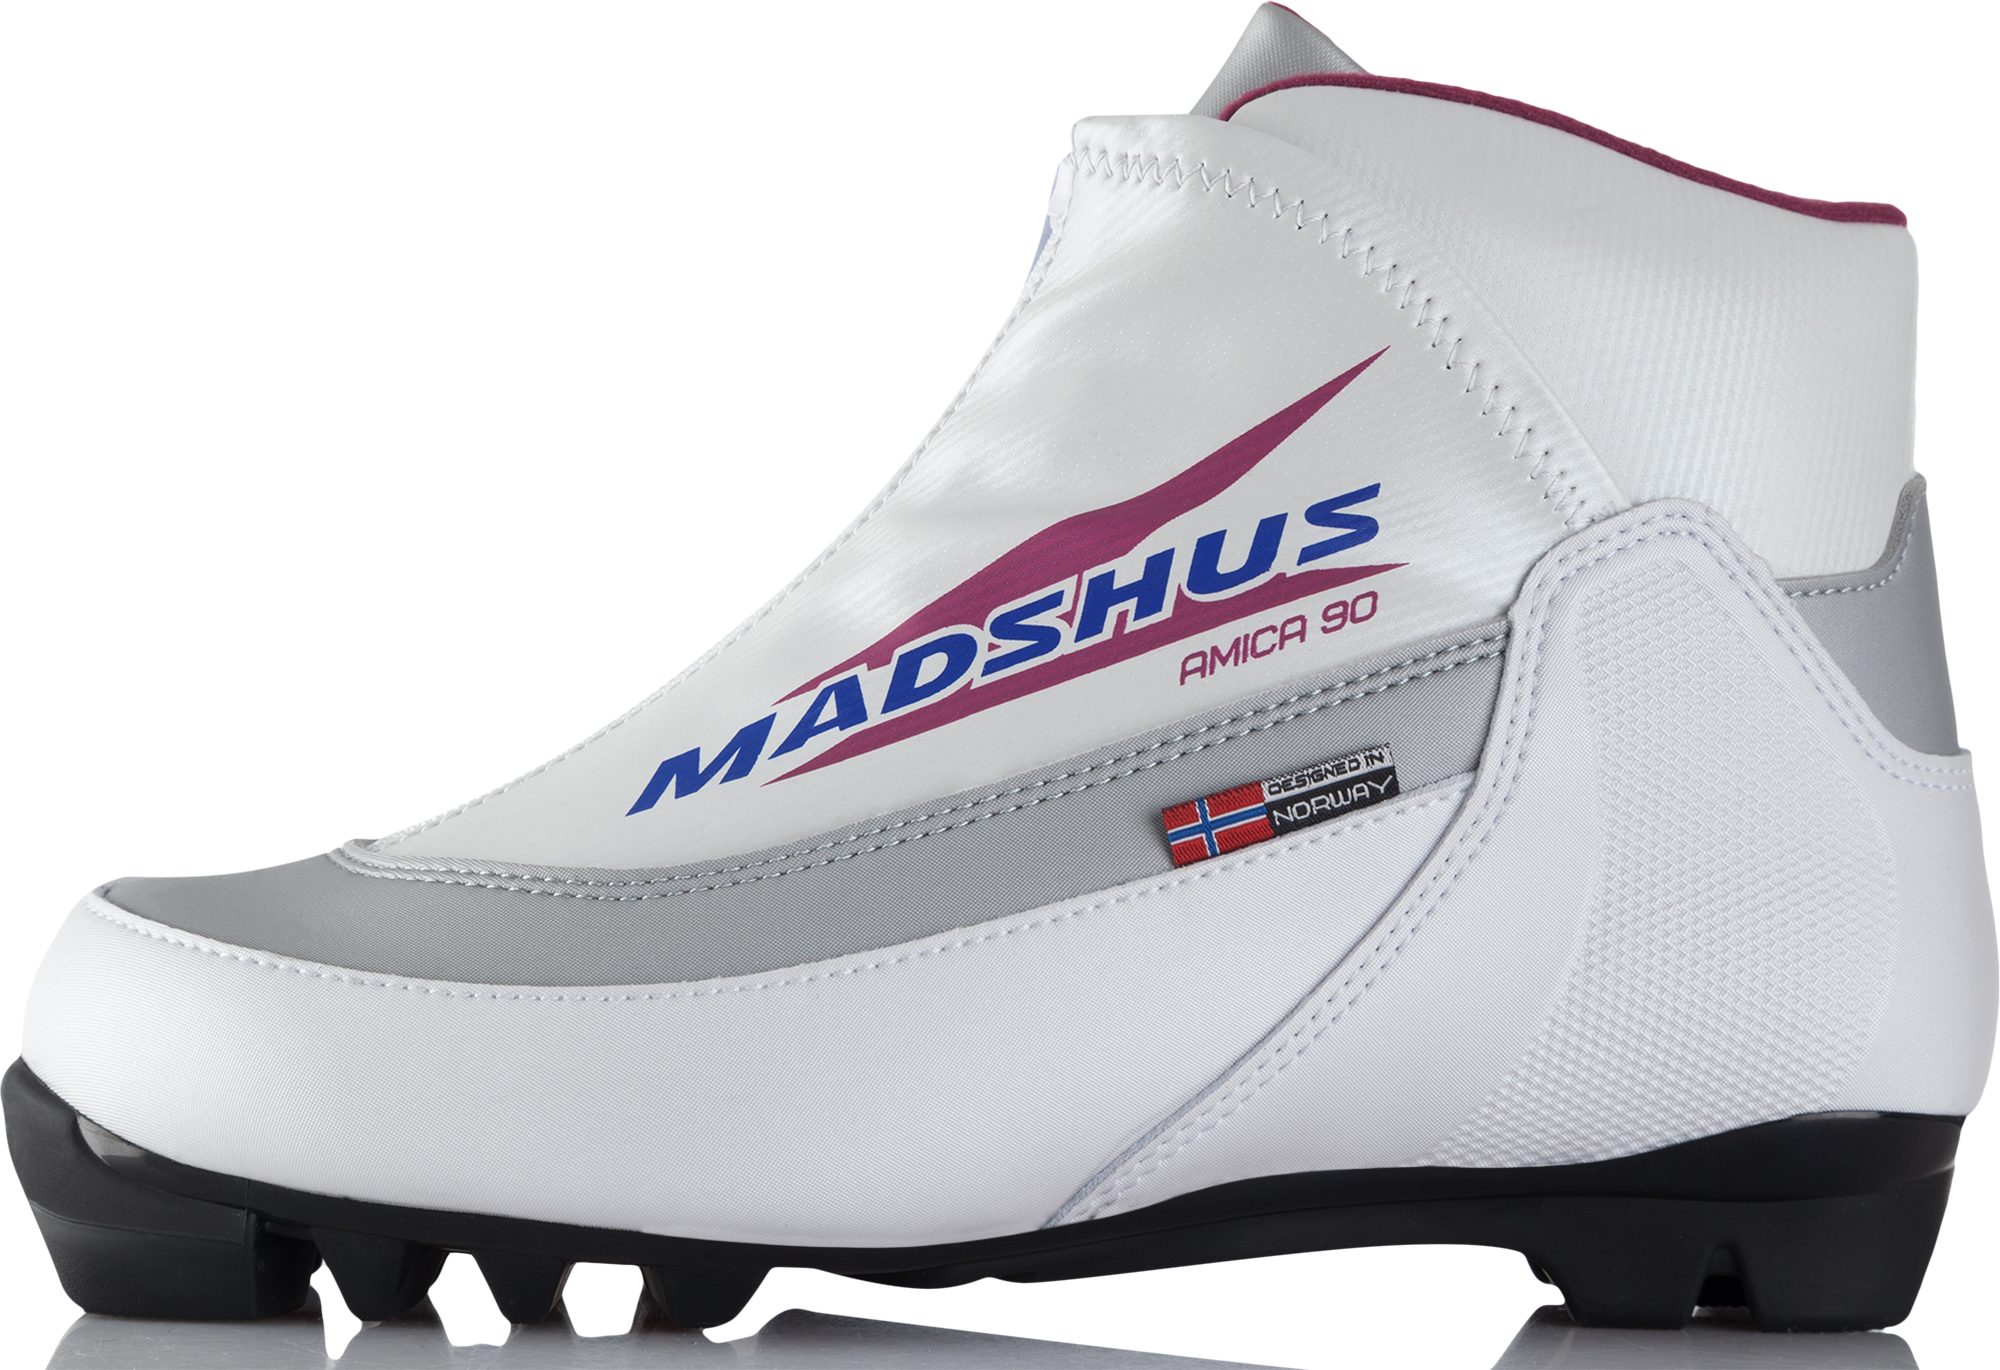 Madshus Ботинки для беговых лыж женские Madshus Amica цены